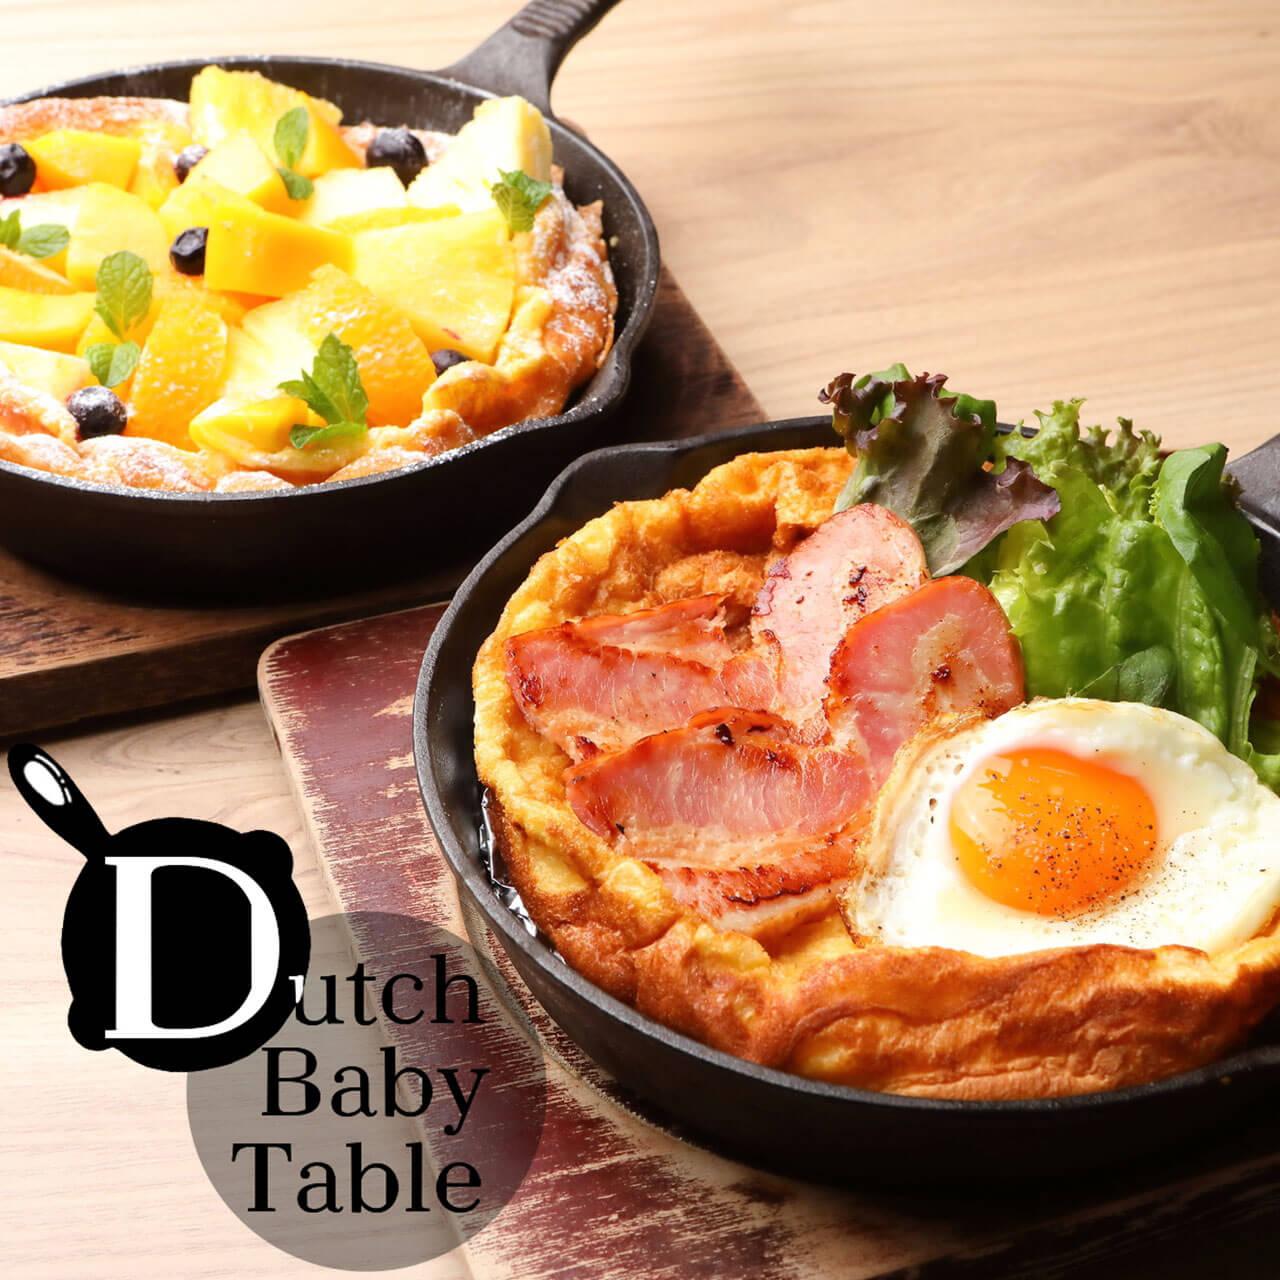 Dutch Baby Table(ダッチ・ベイビー・テーブル)イメージ